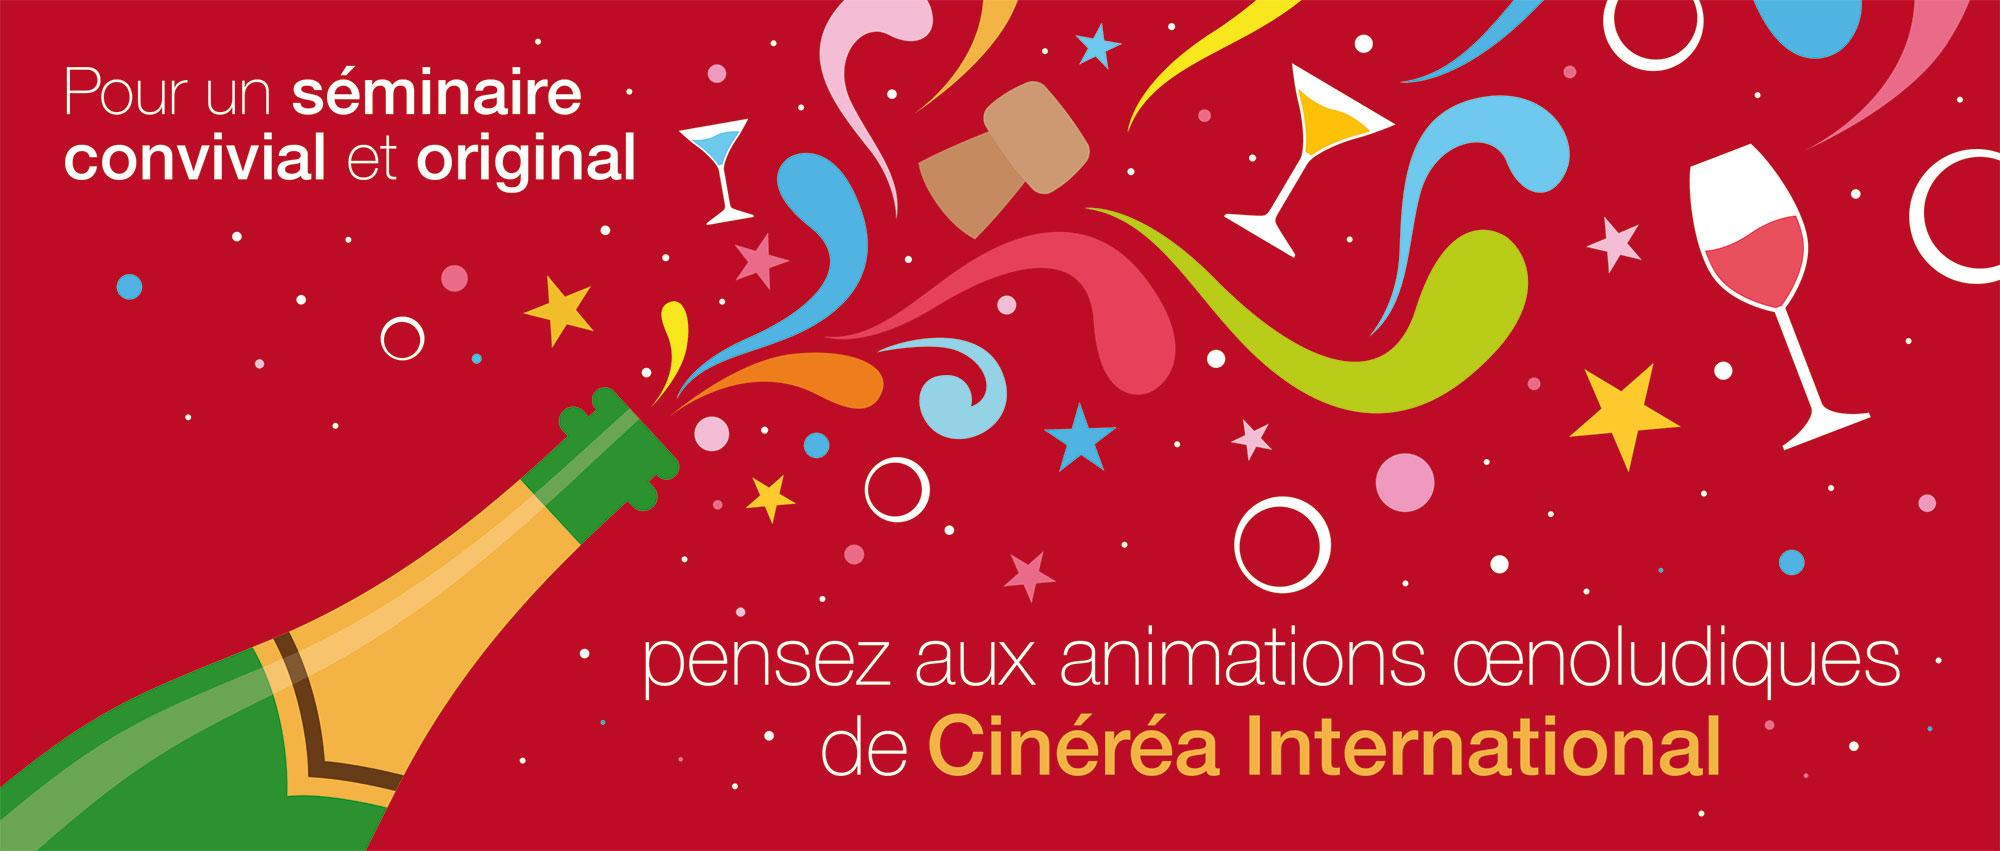 Illustration plaquette Cinéréa international news